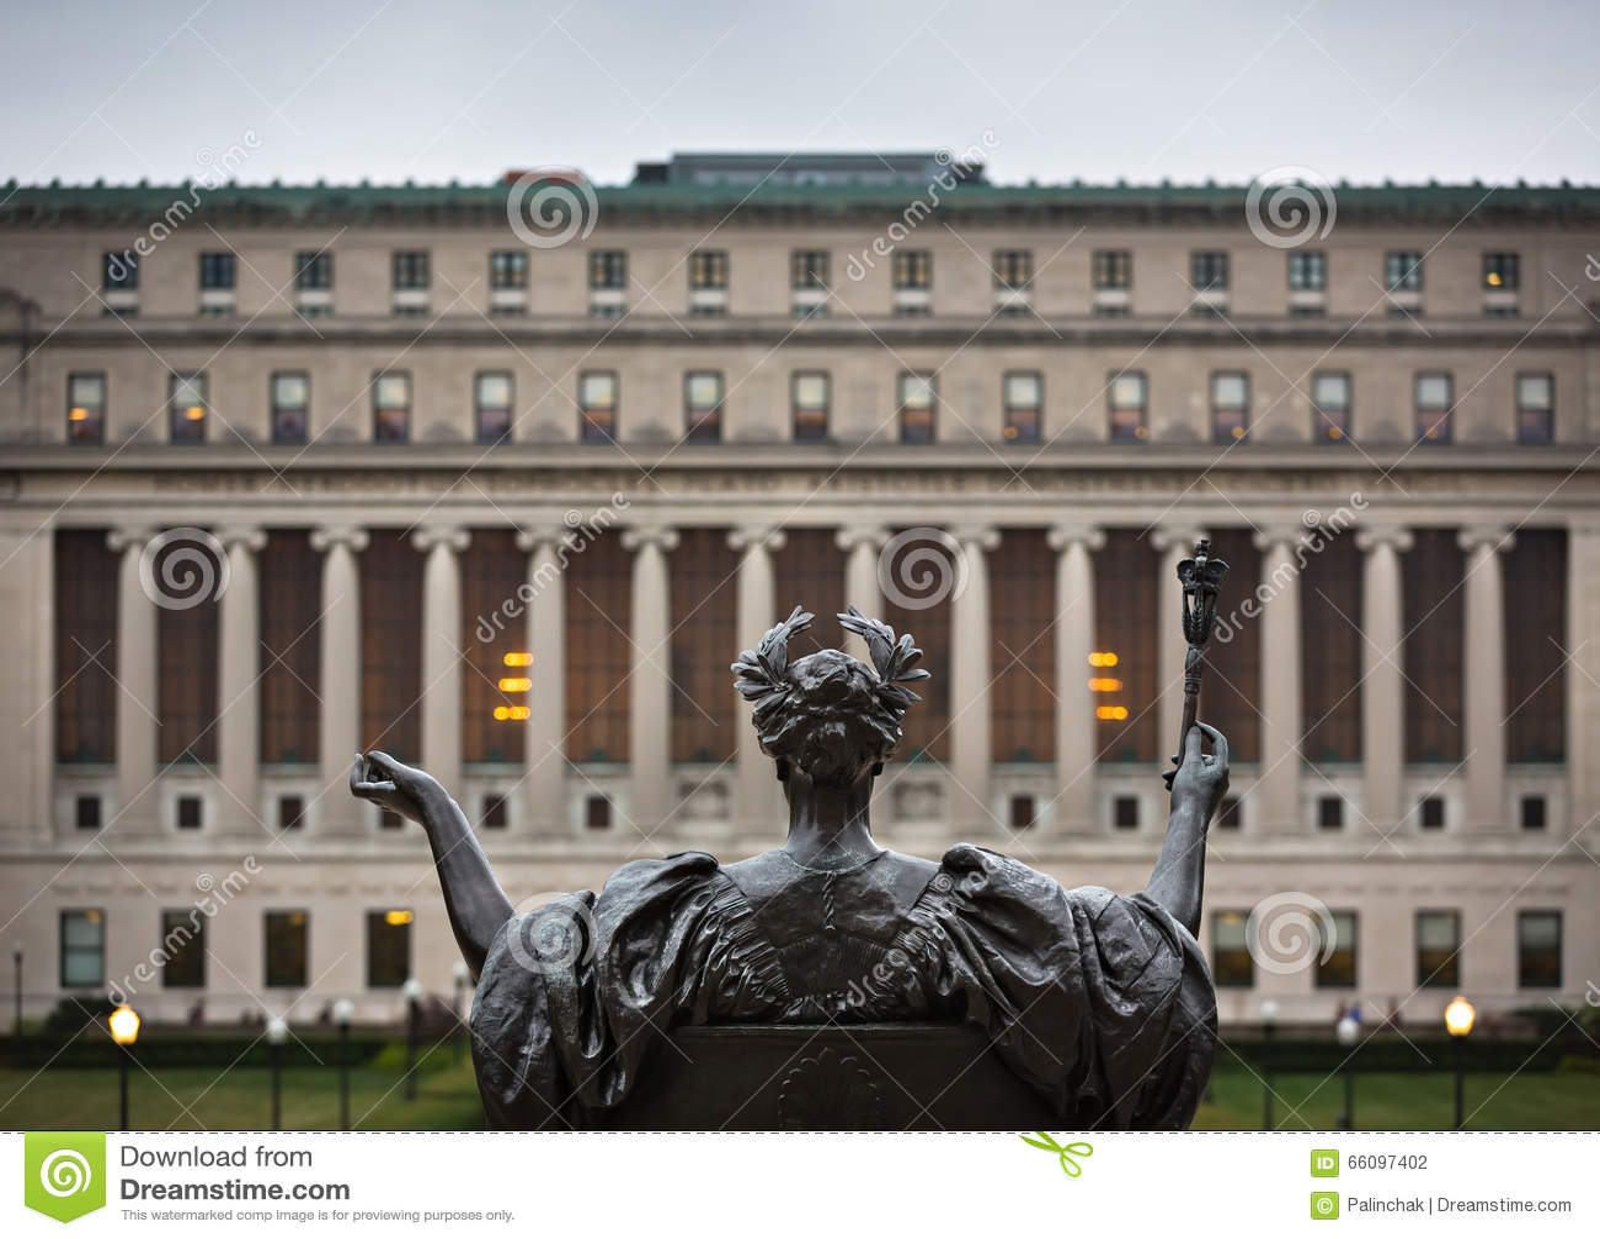 哥伦比亚大学,纽约,美国母校